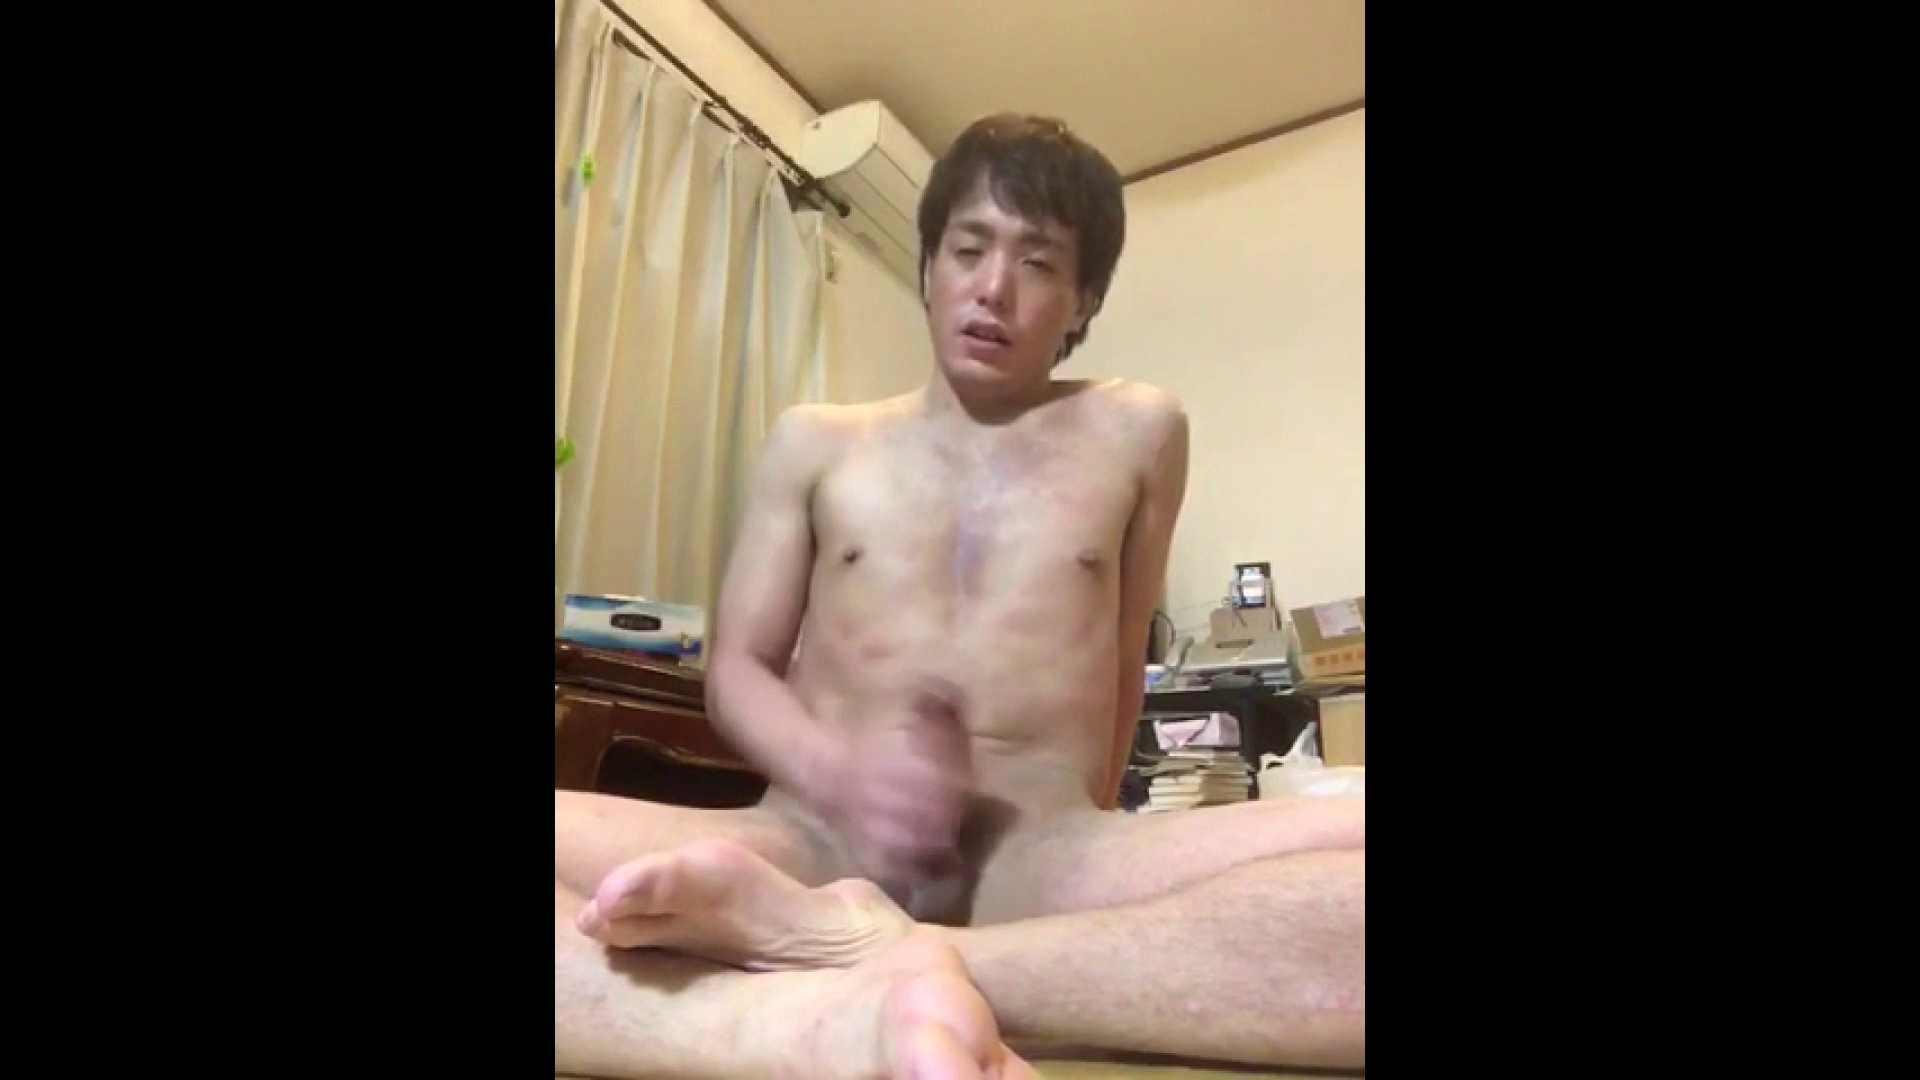 個人撮影 自慰の極意 Vol.30 オナニー ゲイアダルトビデオ画像 78pic 3